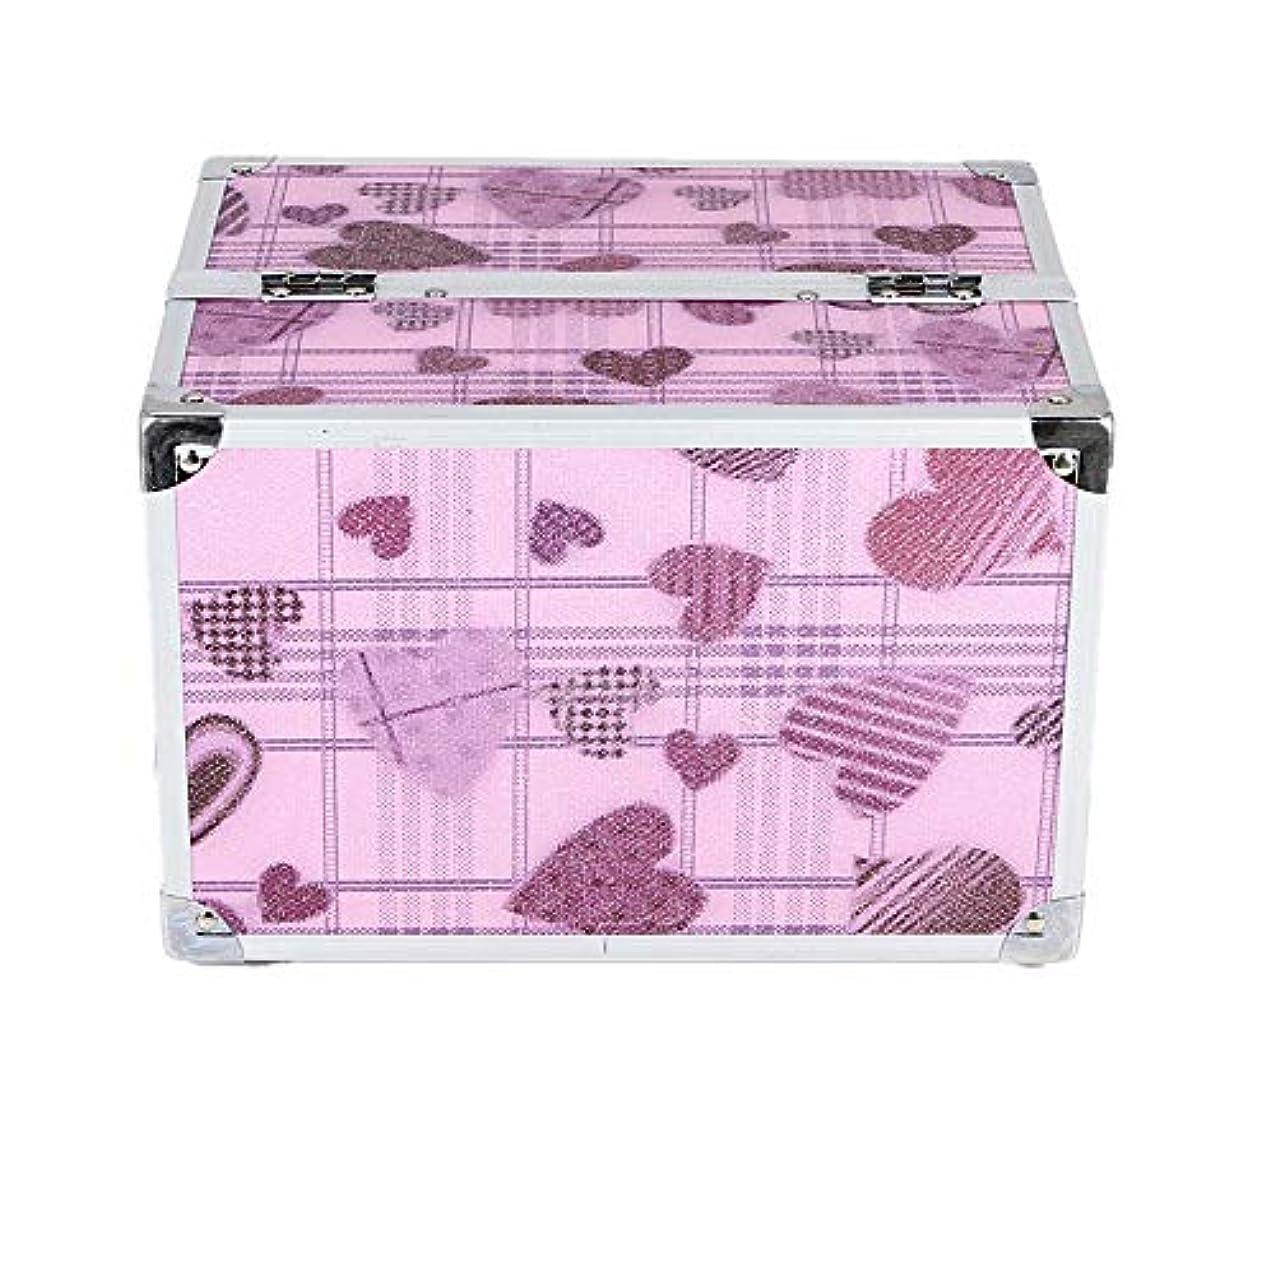 教師の日割れ目学者化粧オーガナイザーバッグ かわいいハートパターントラベルアクセサリーのためのポータブル化粧ケースシャンプーボディウォッシュパーソナルアイテム収納トレイ 化粧品ケース